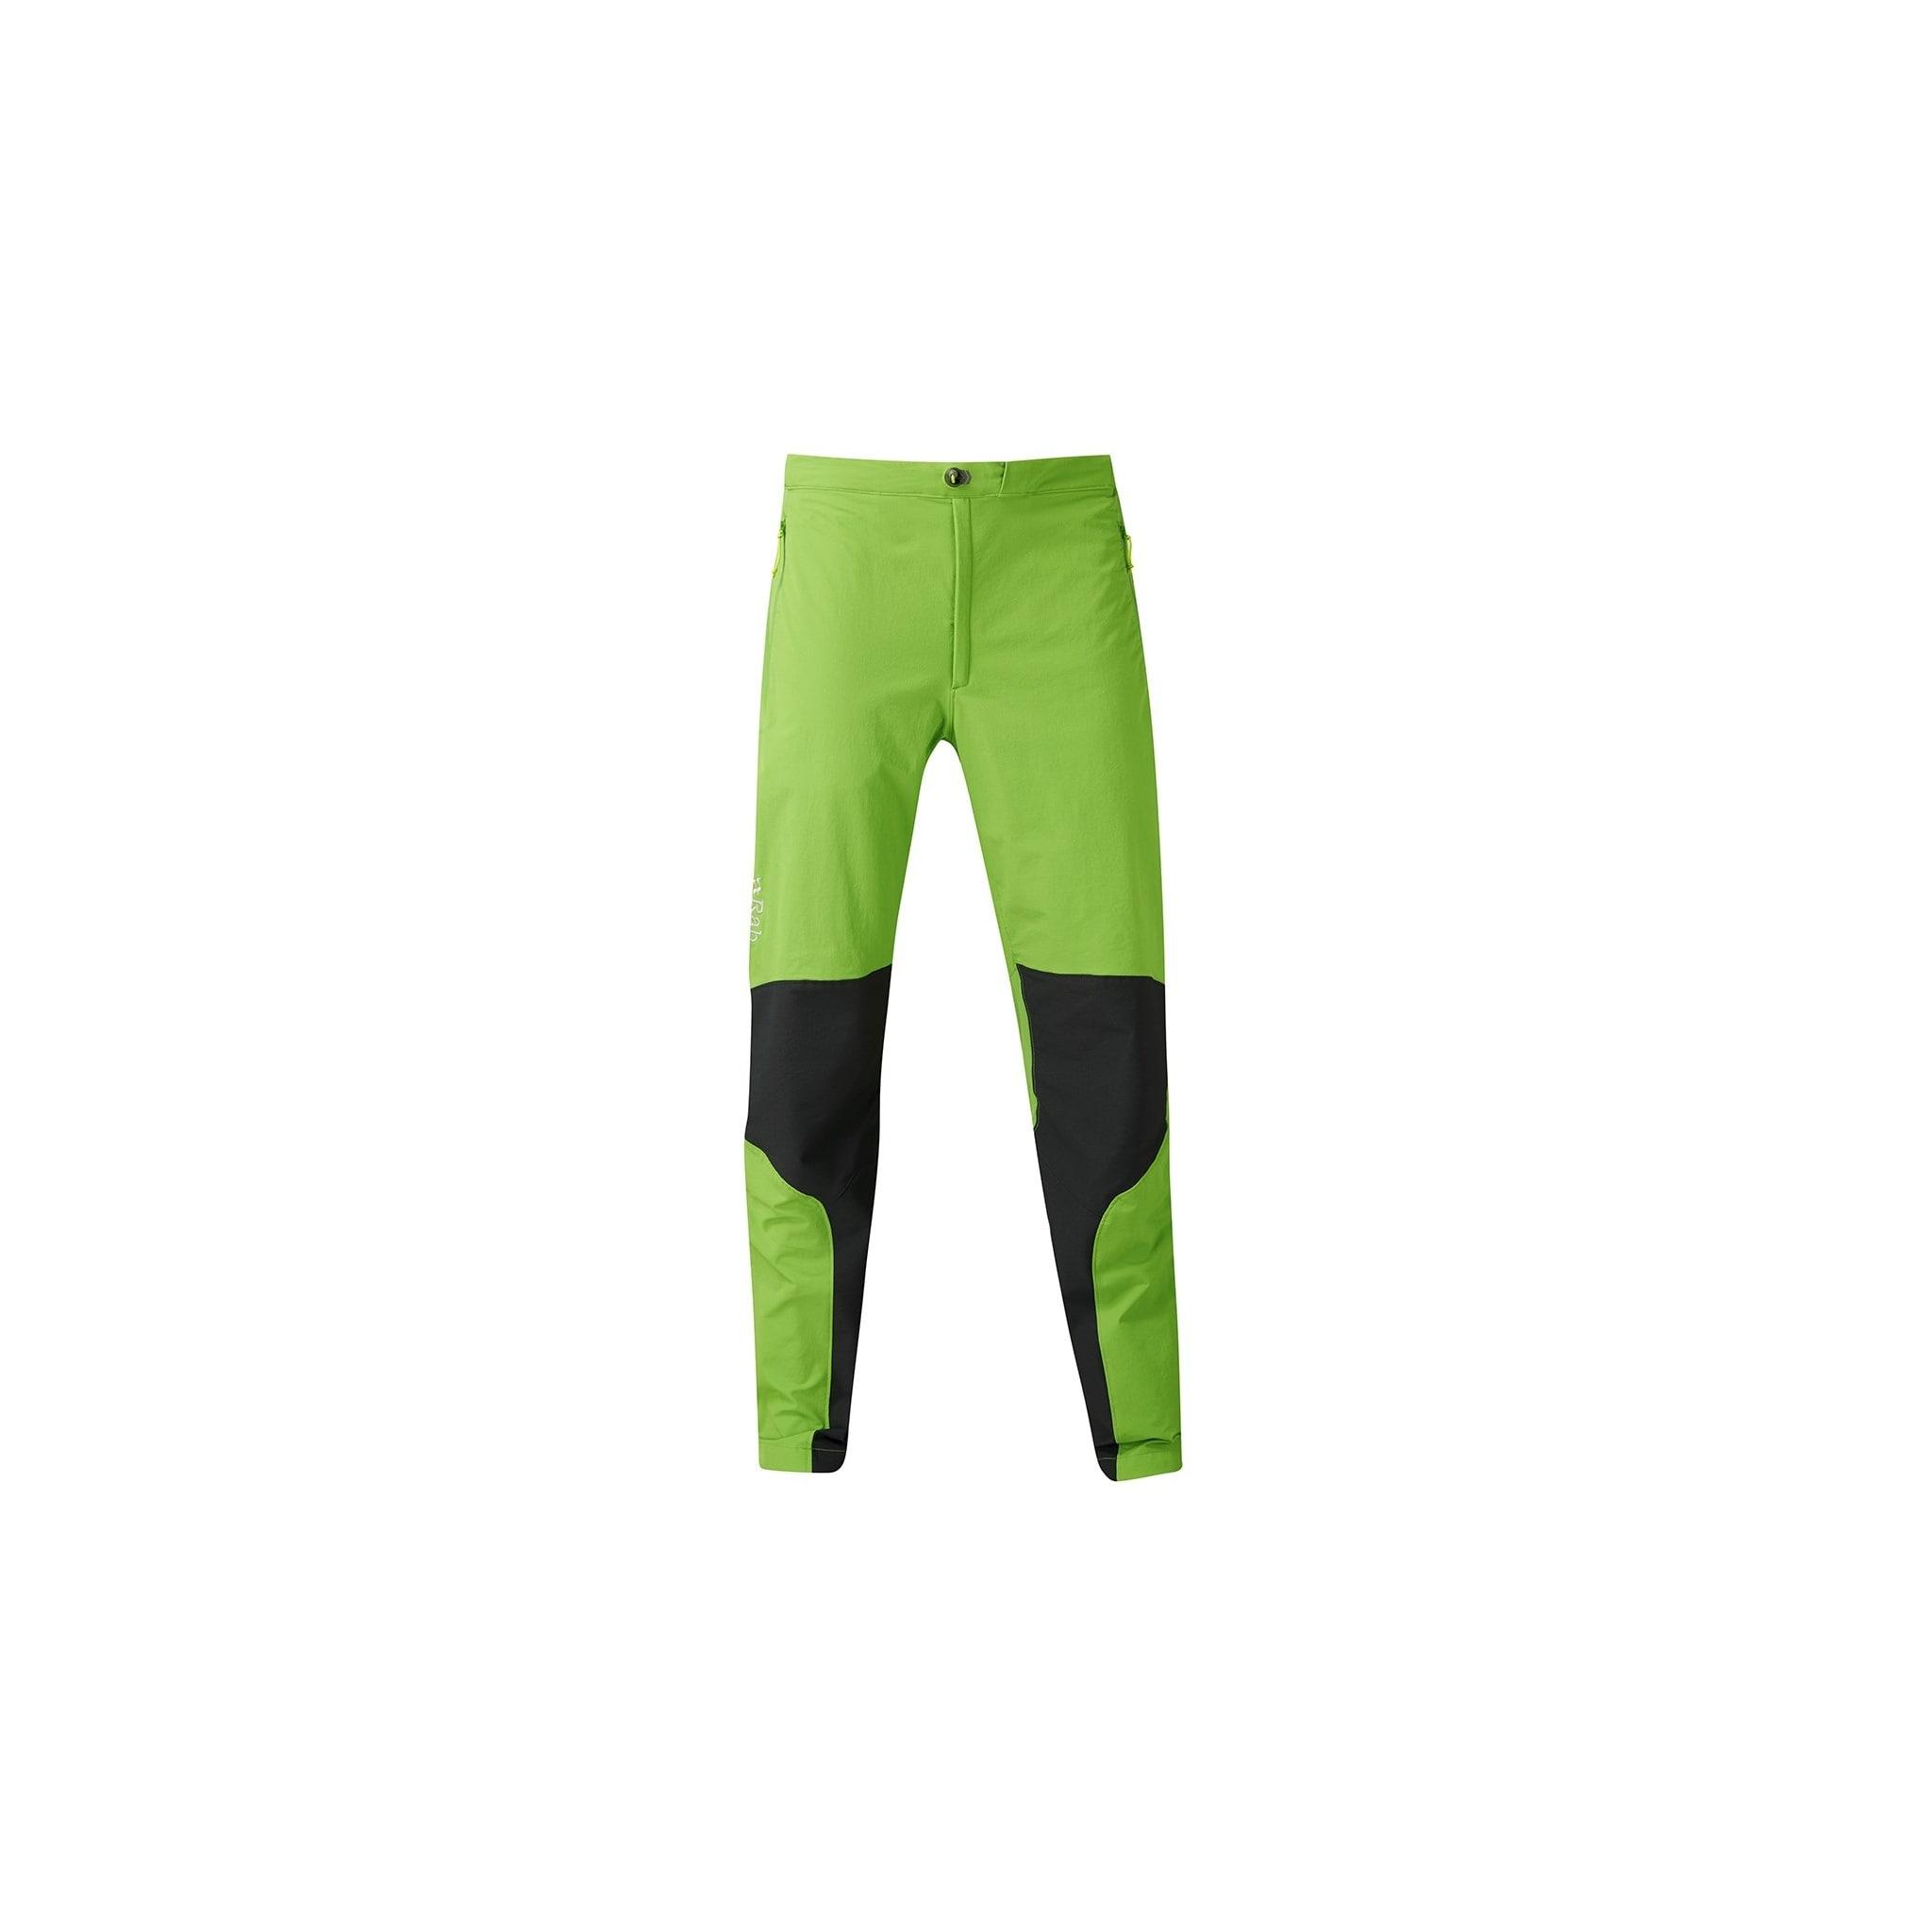 Lette softshellbukser med god stretch og forsterkning